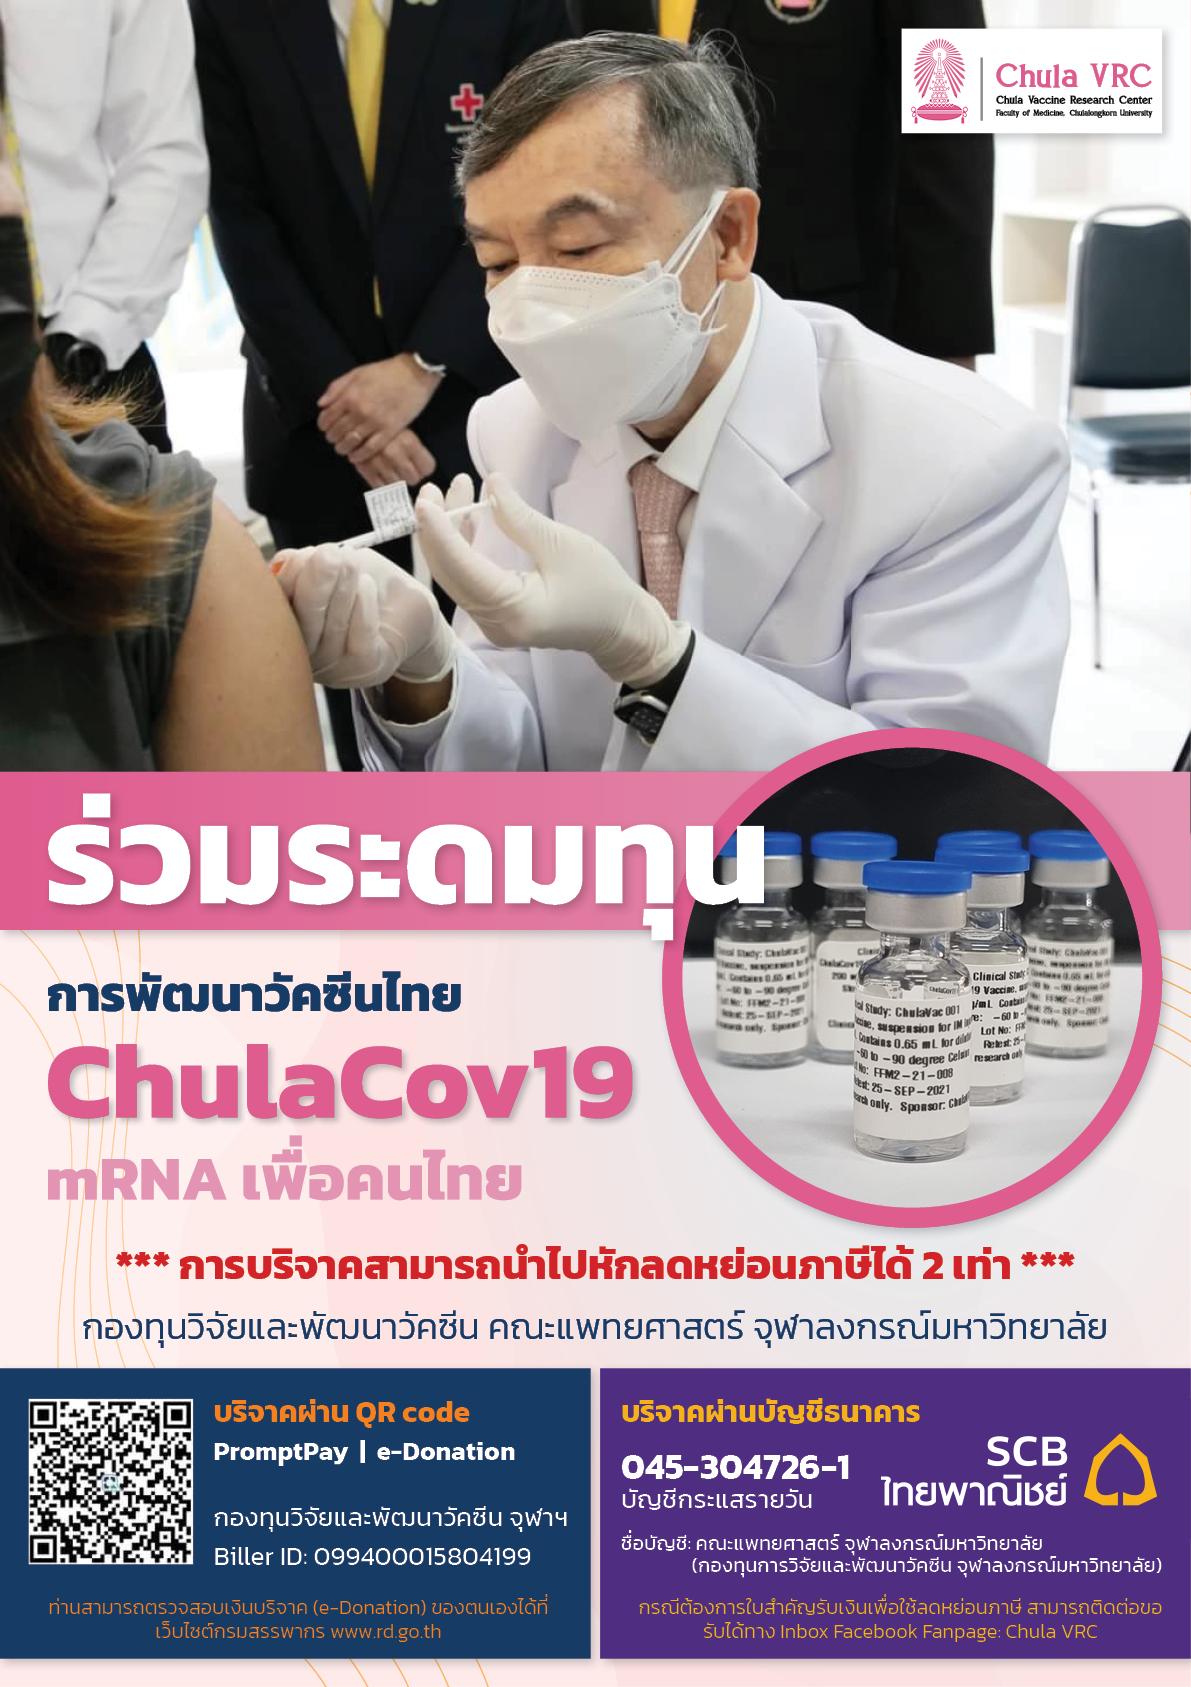 ร่วมระดมทุน การพัฒนาวัคซีนไทย ChulaCov19 mRNA เพื่อคนไทย